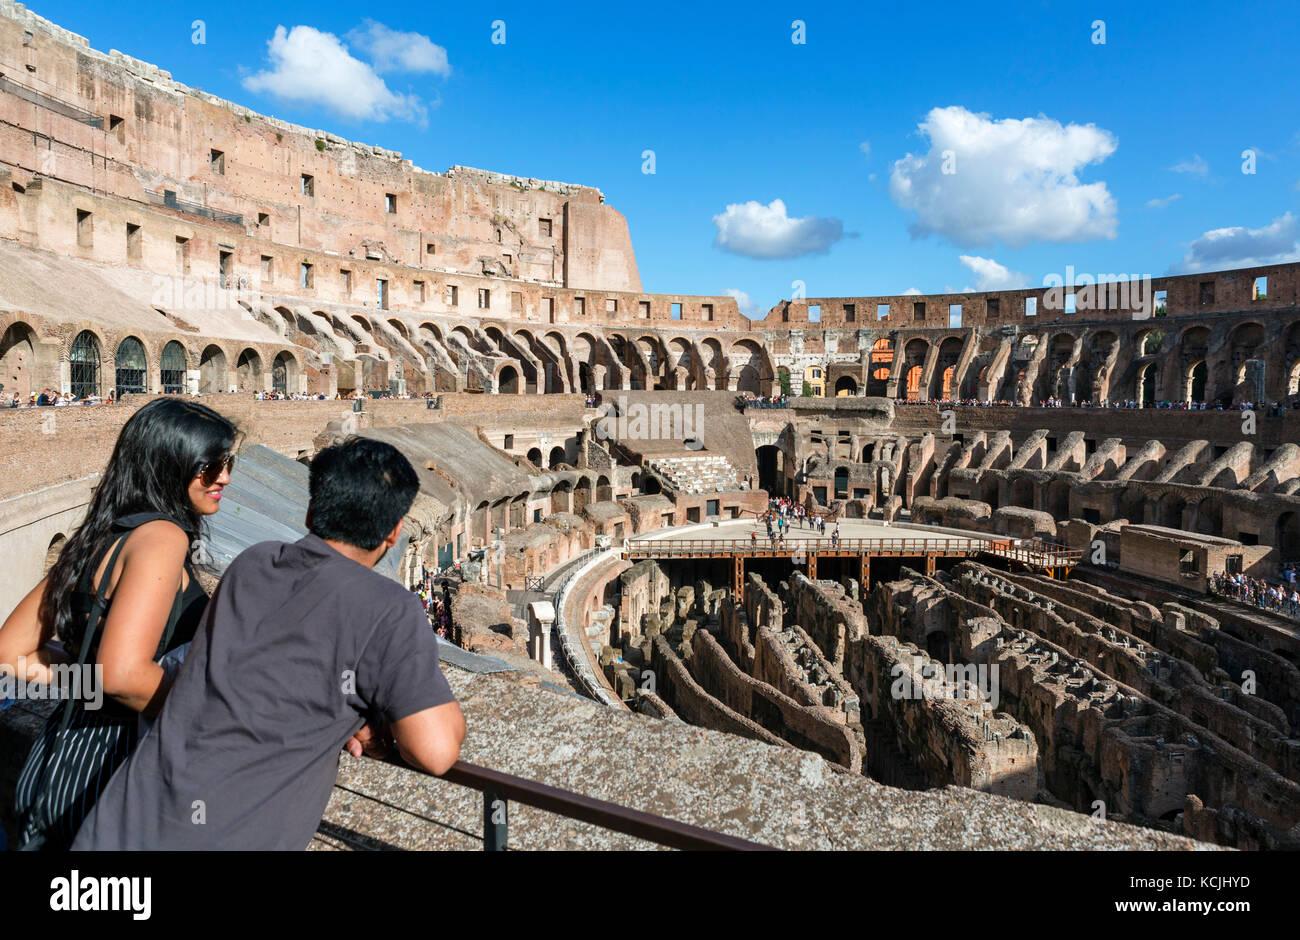 Colosseum rome interior of the roman colosseum coliseum rome colosseum rome interior of the roman colosseum coliseum rome italy publicscrutiny Images